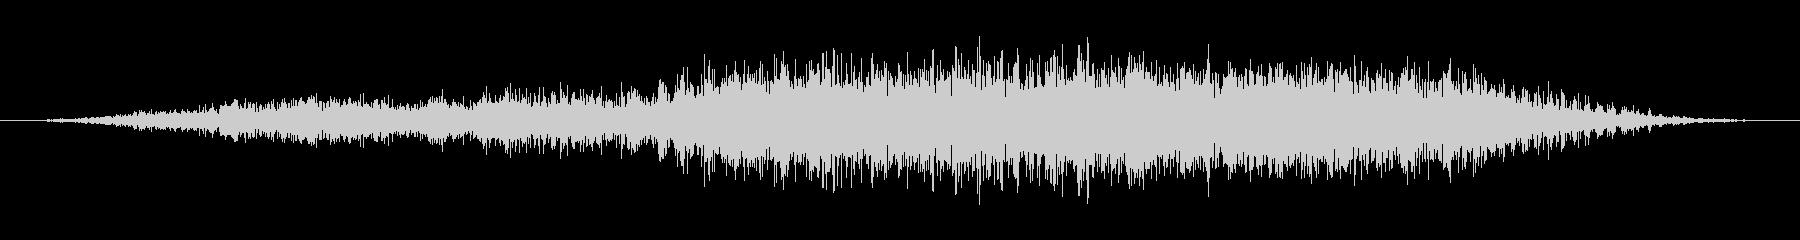 フェイズドガーブルフーシ4の未再生の波形